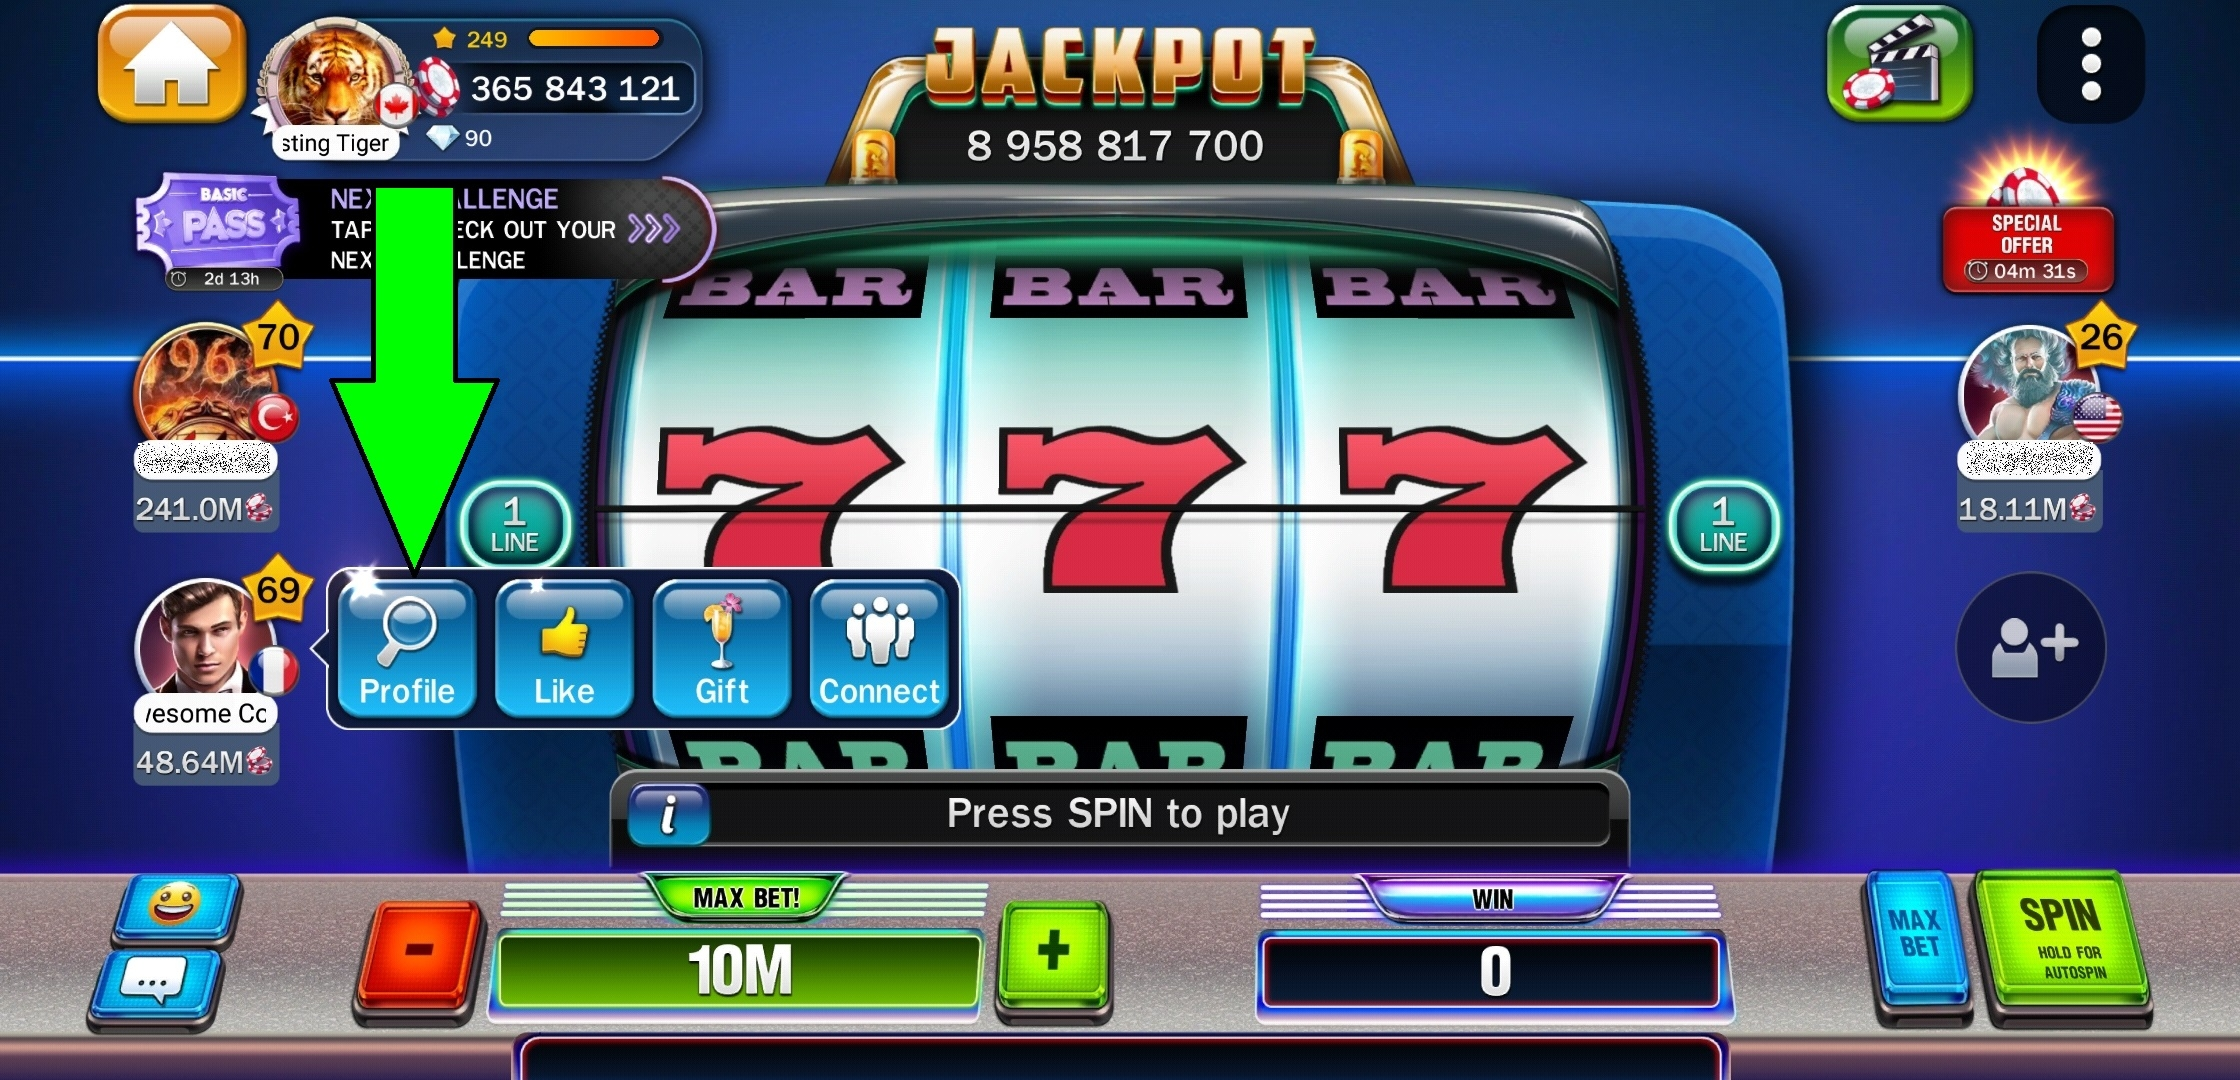 tipbet casino bonus code ohne einzahlung